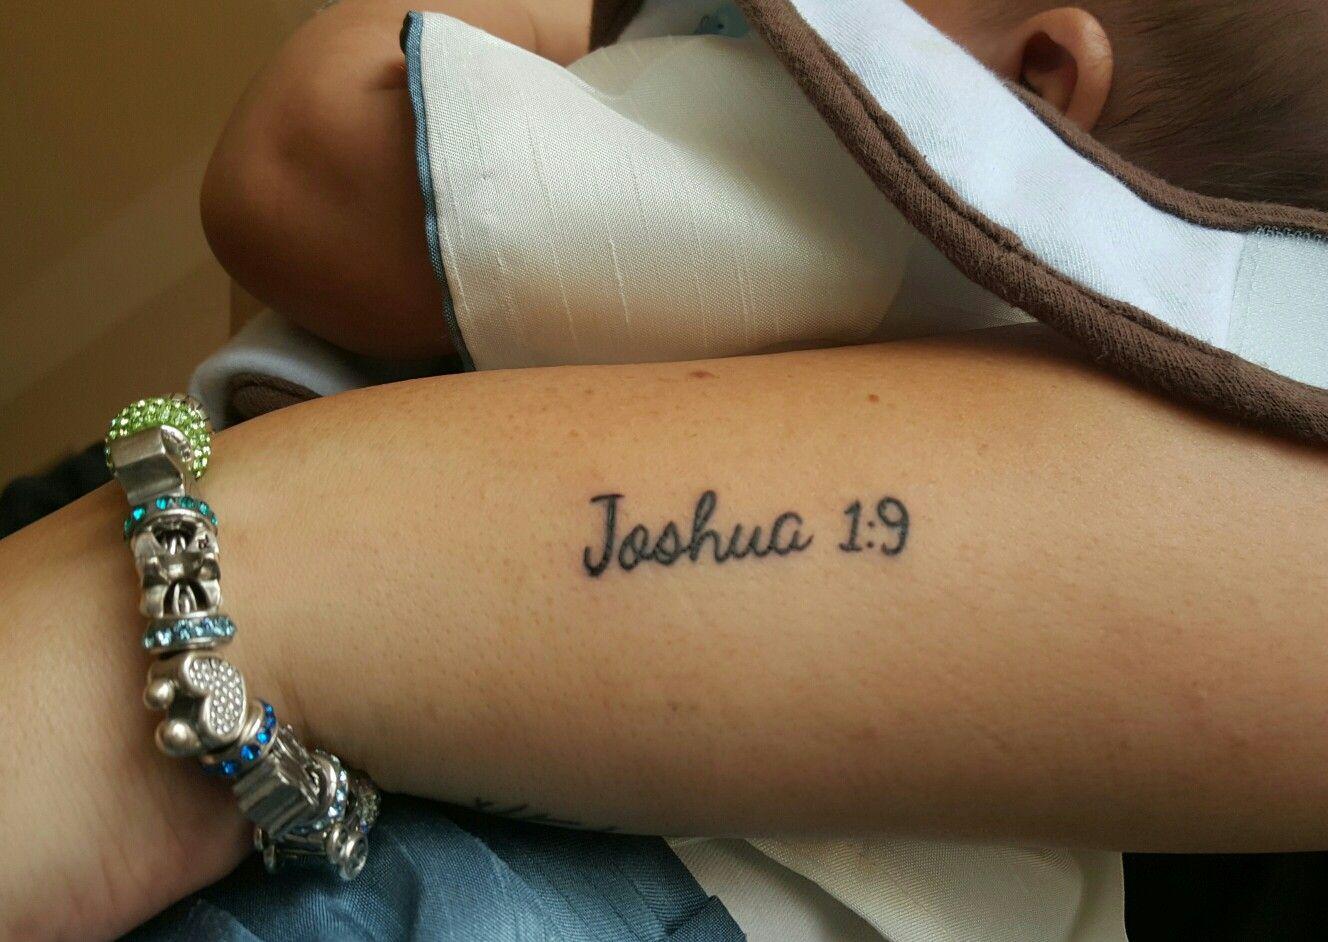 Joshua 1 9 Joshua 1 9 Tattoo Mini Tattoos Tattoos For Women